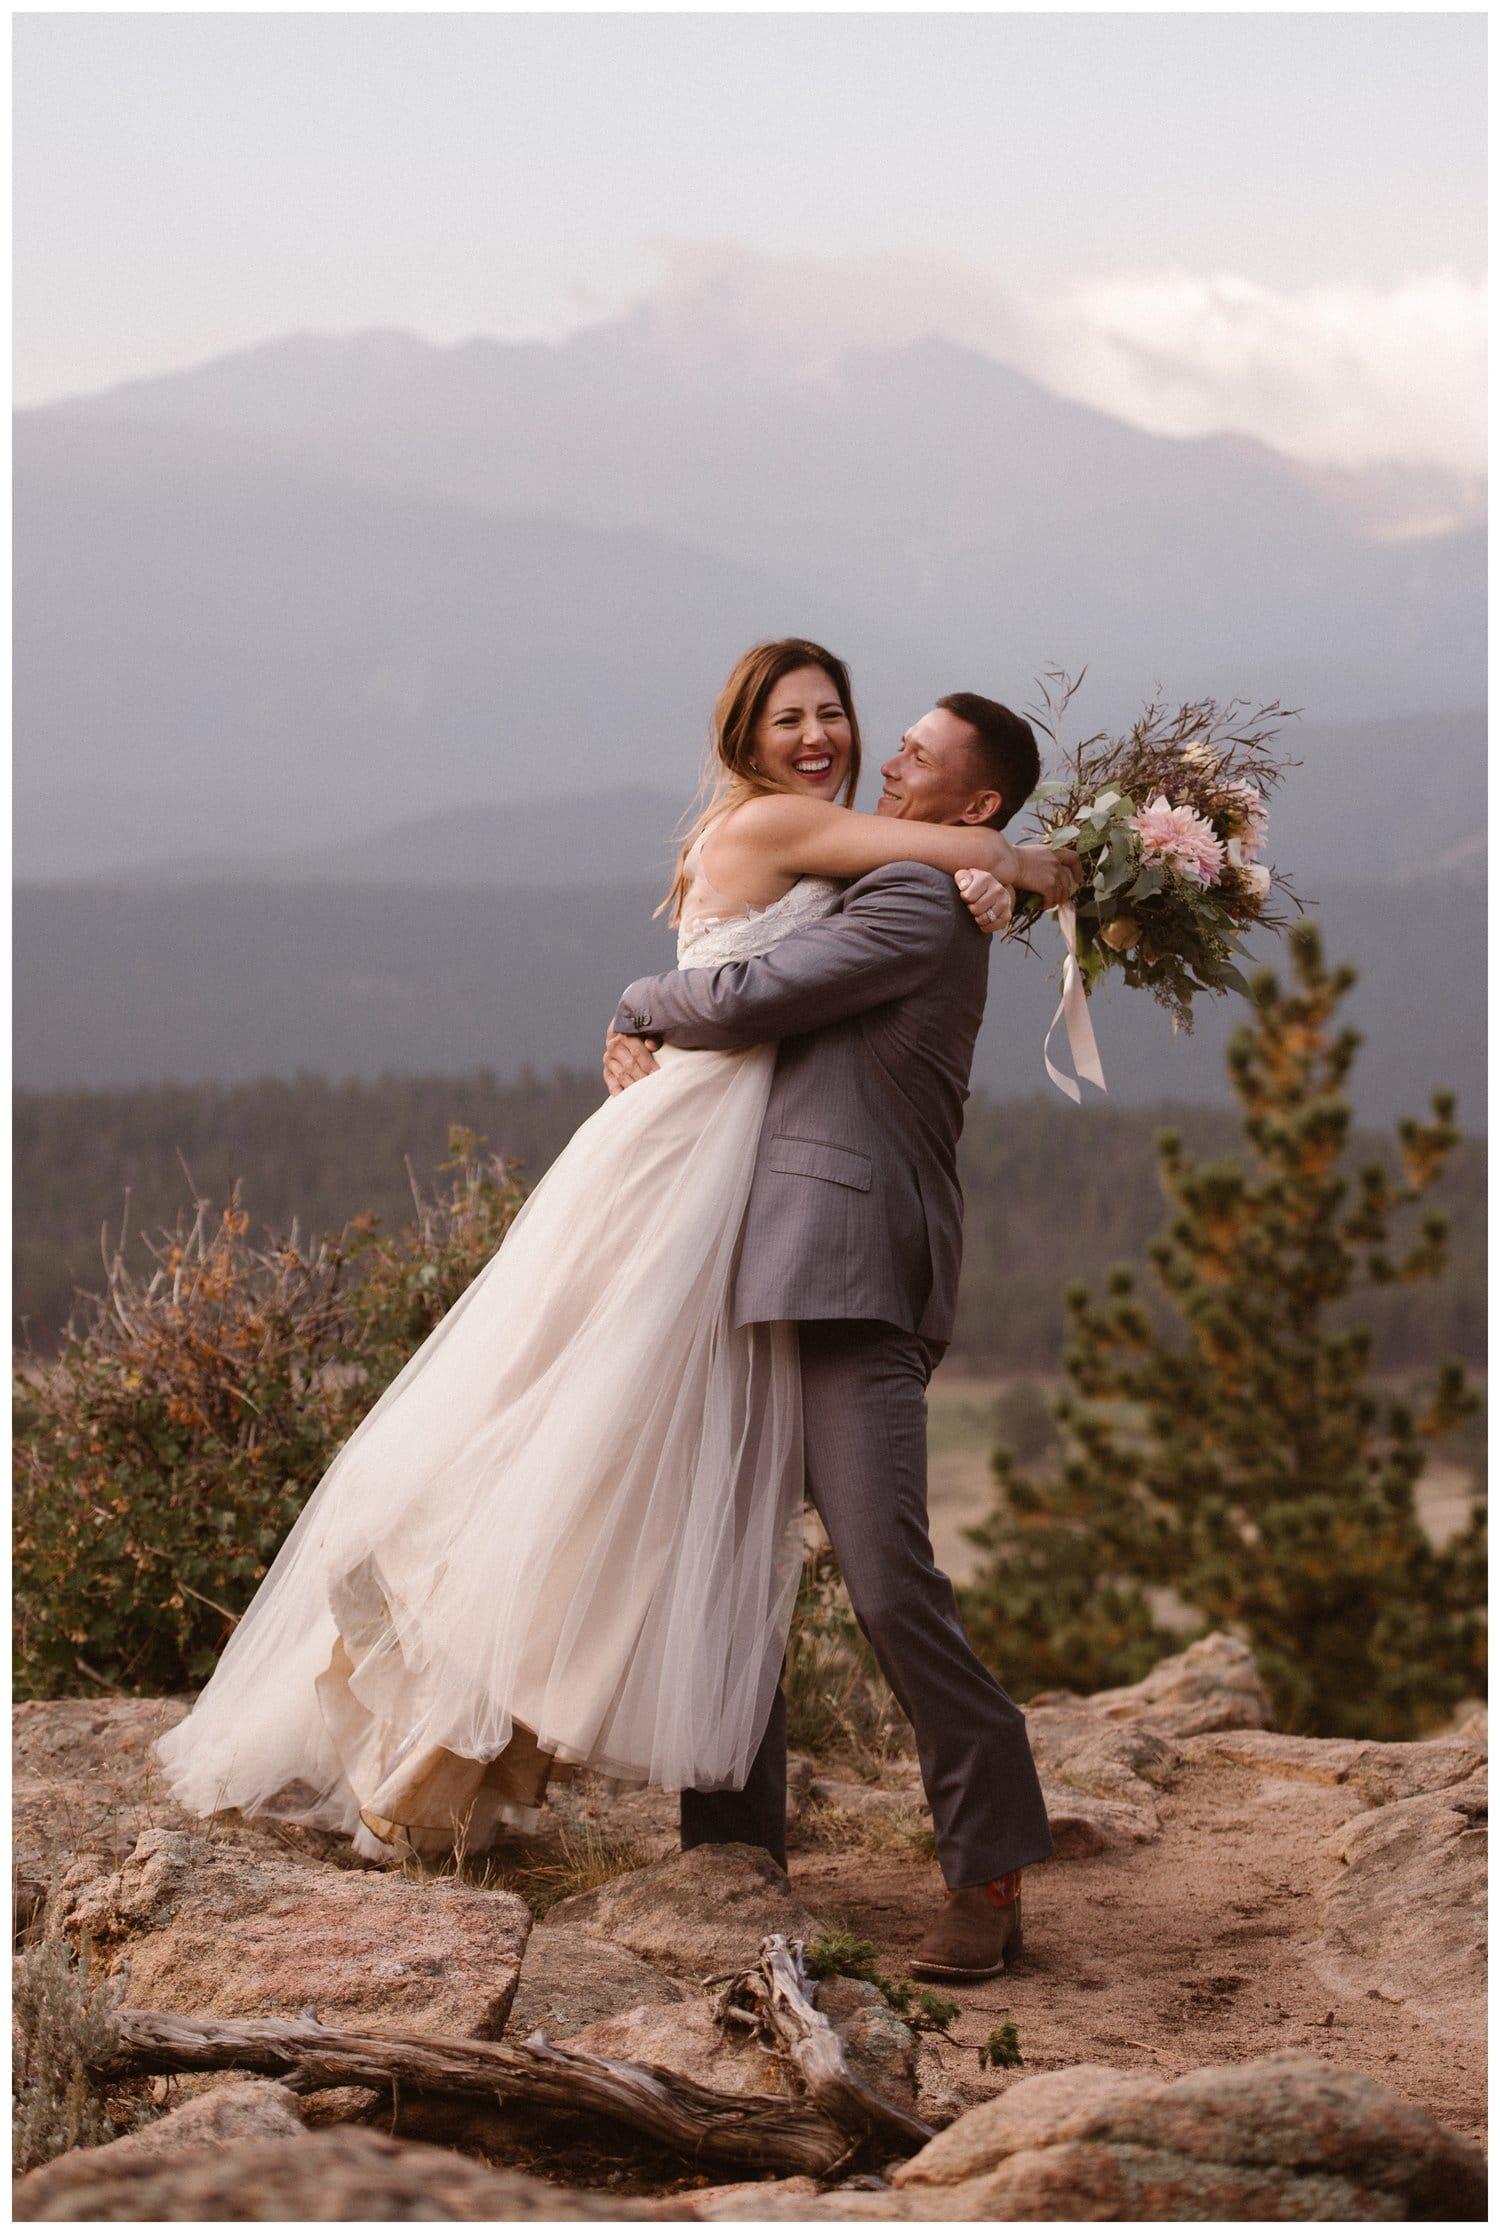 Groom lifts up bride at Yosemite National Park.